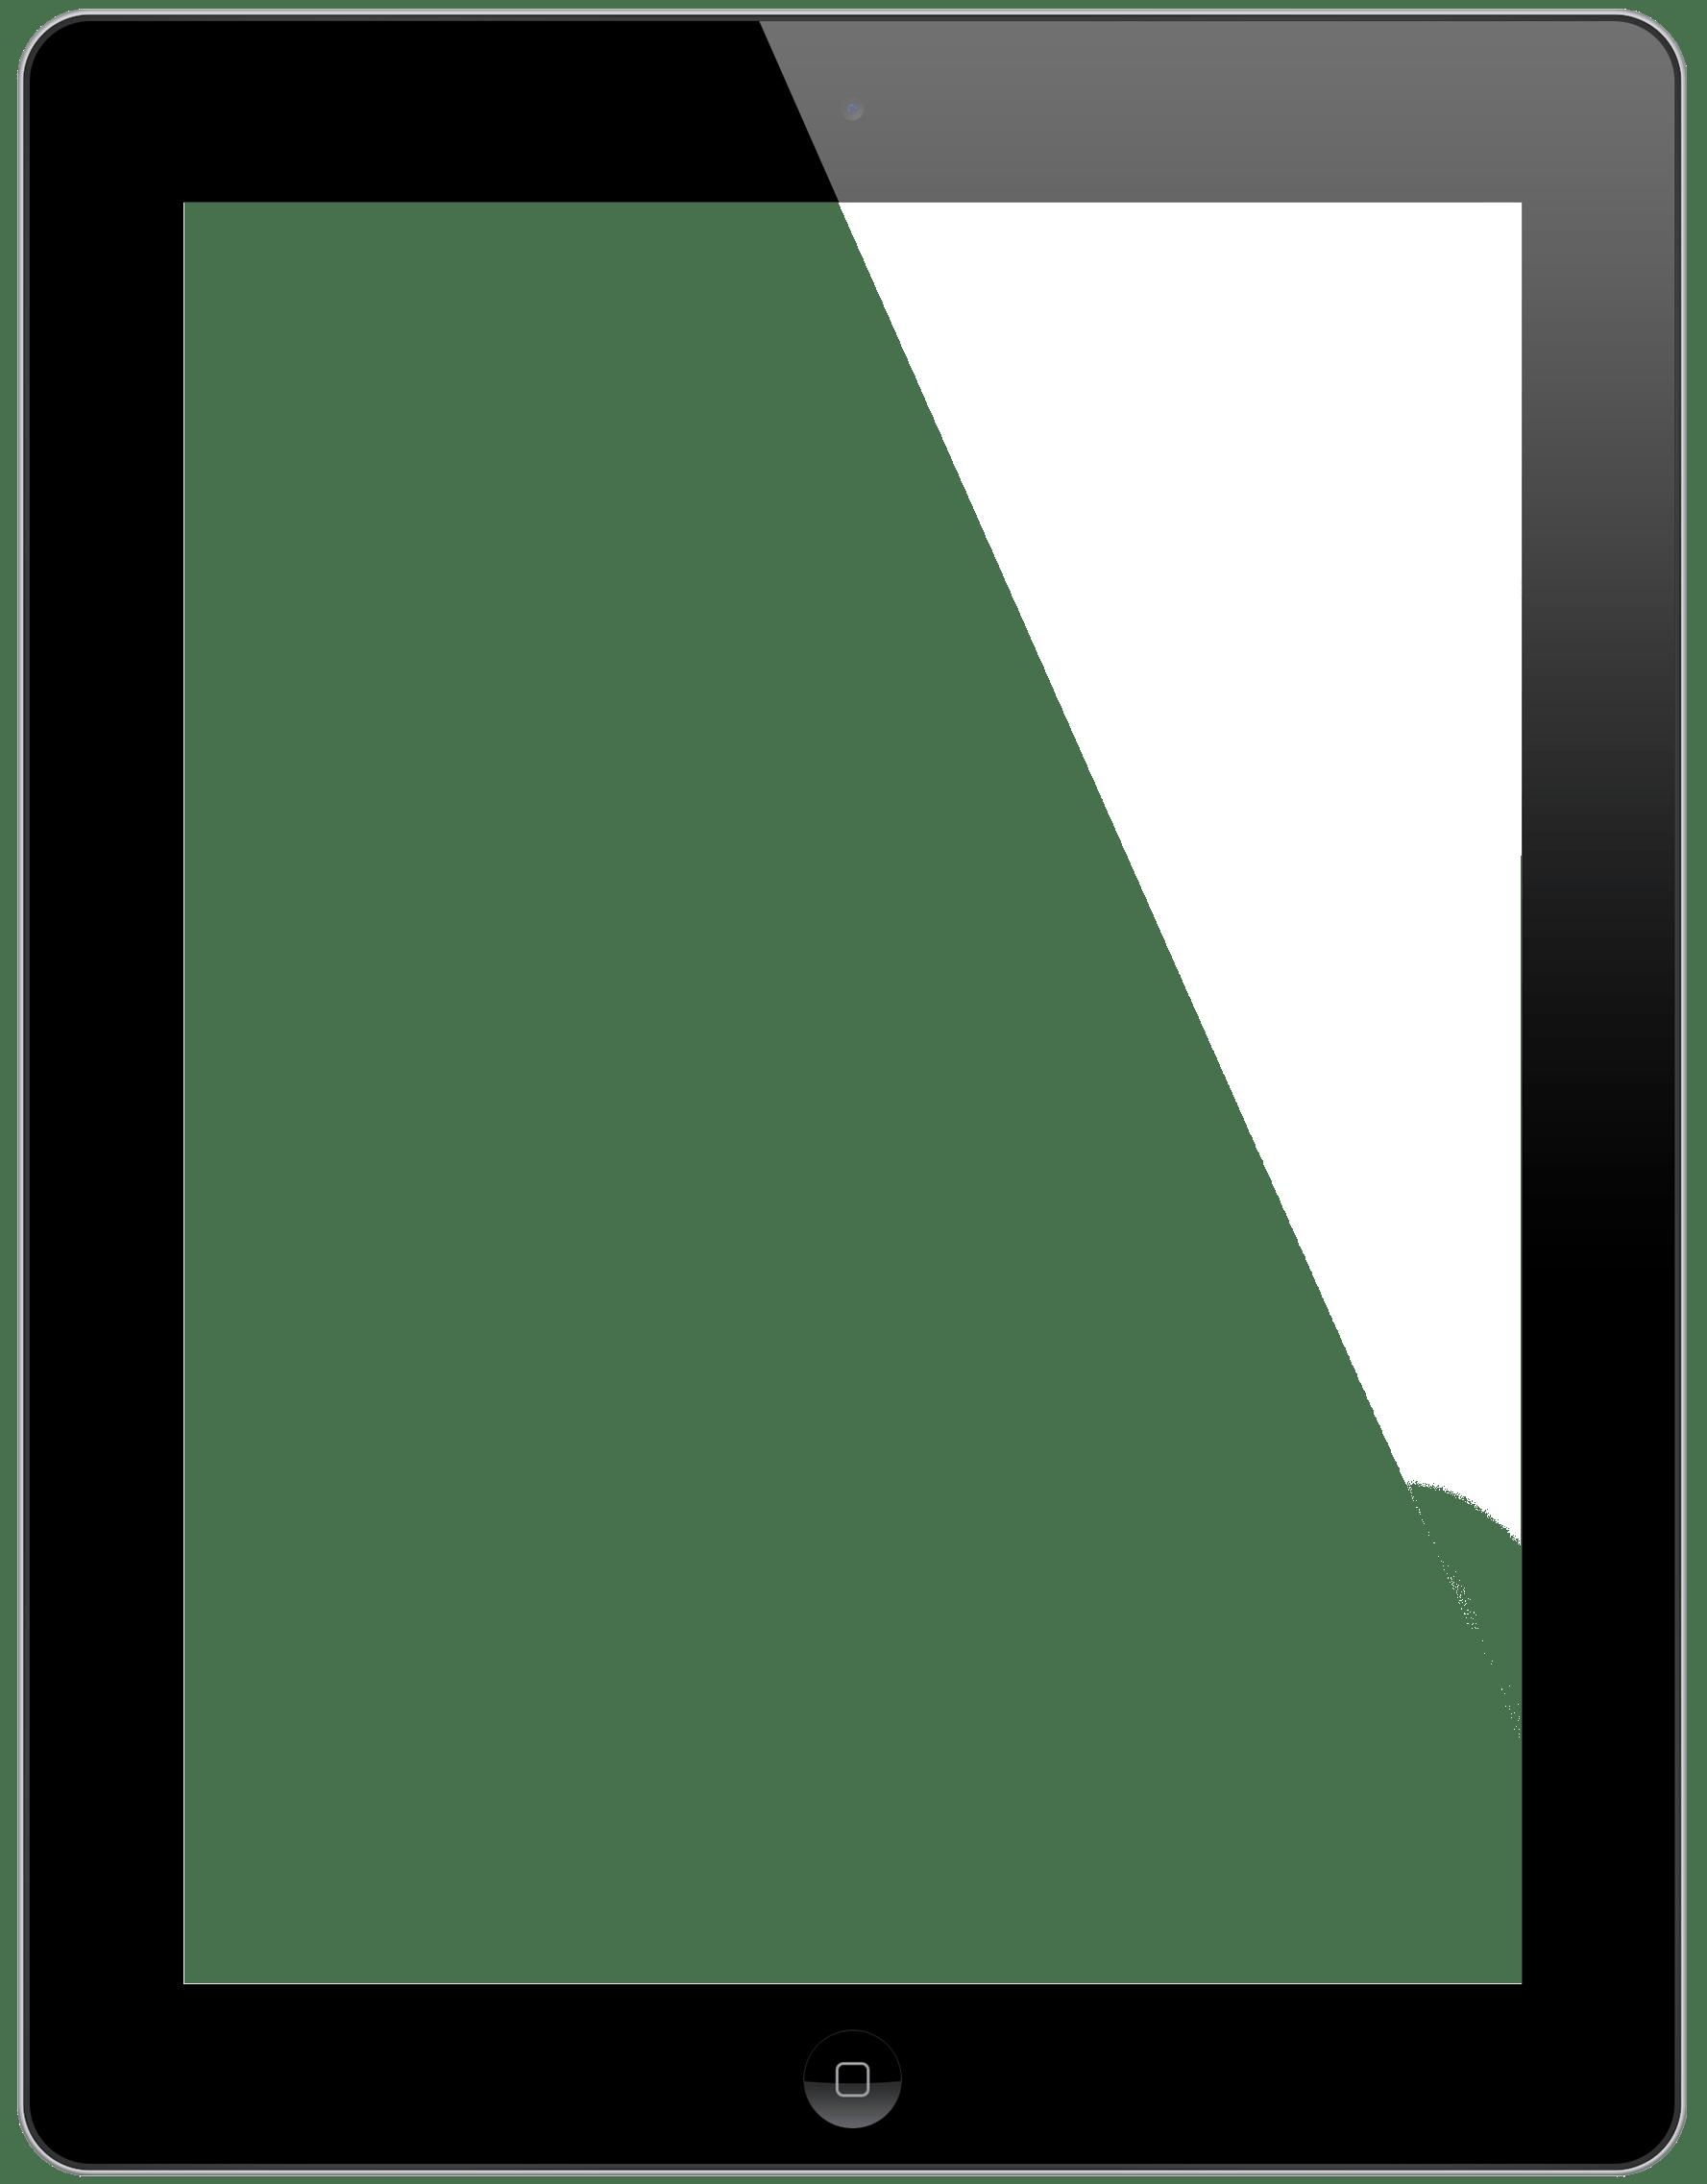 Ipad Png Transparent ipad-png-image1...